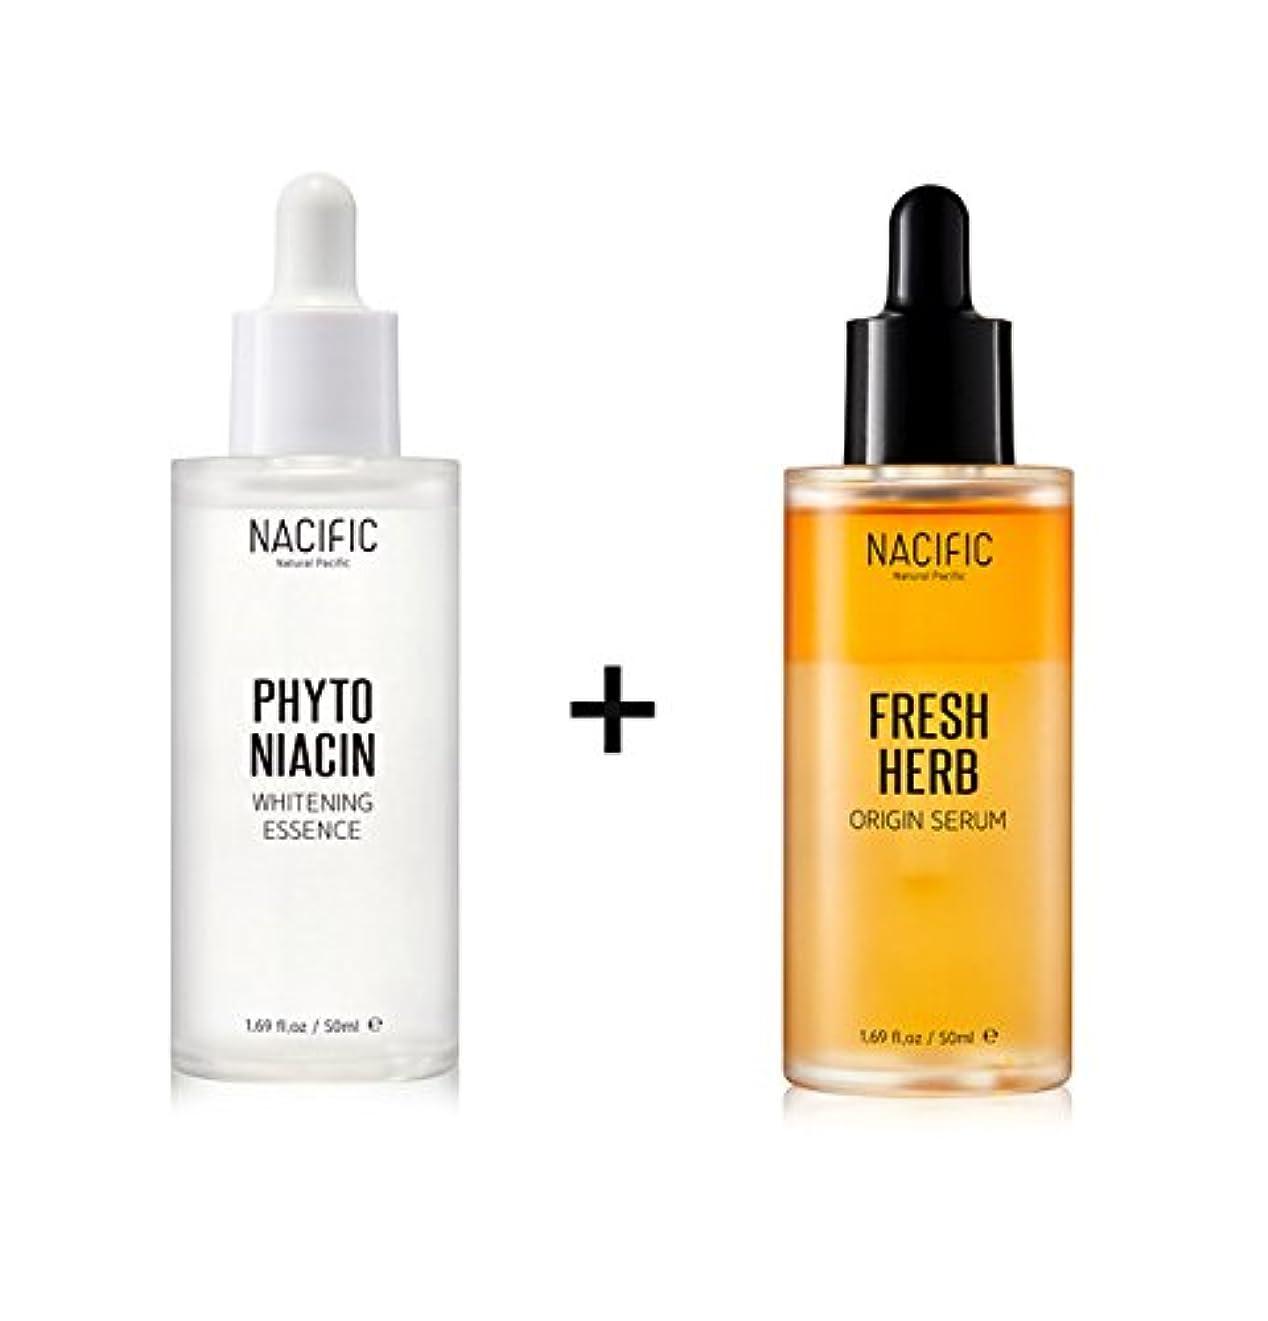 希少性テスピアンテント[Renewal] NACIFIC Fresh Herb Origin Serum 50ml + Phyto Niacin Whitening Essence 50ml/ナシフィック フレッシュ ハーブ オリジン セラム...